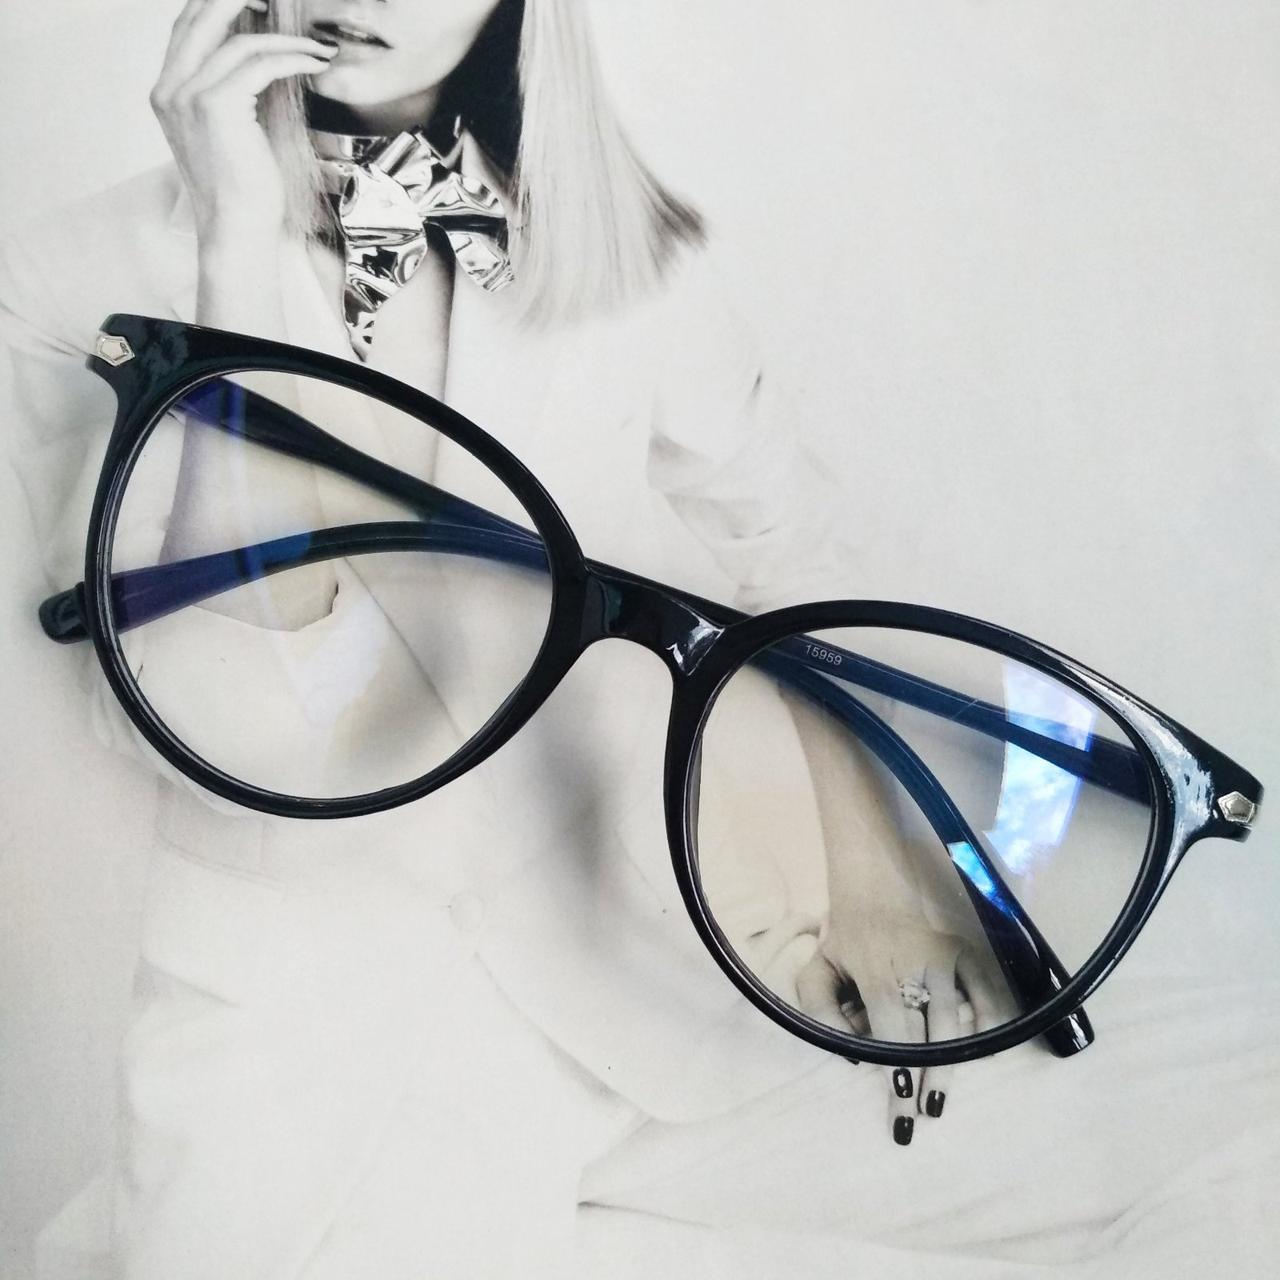 Имиджевые очки  круглые с  прозрачной линзой анти блик Чёрный глянец